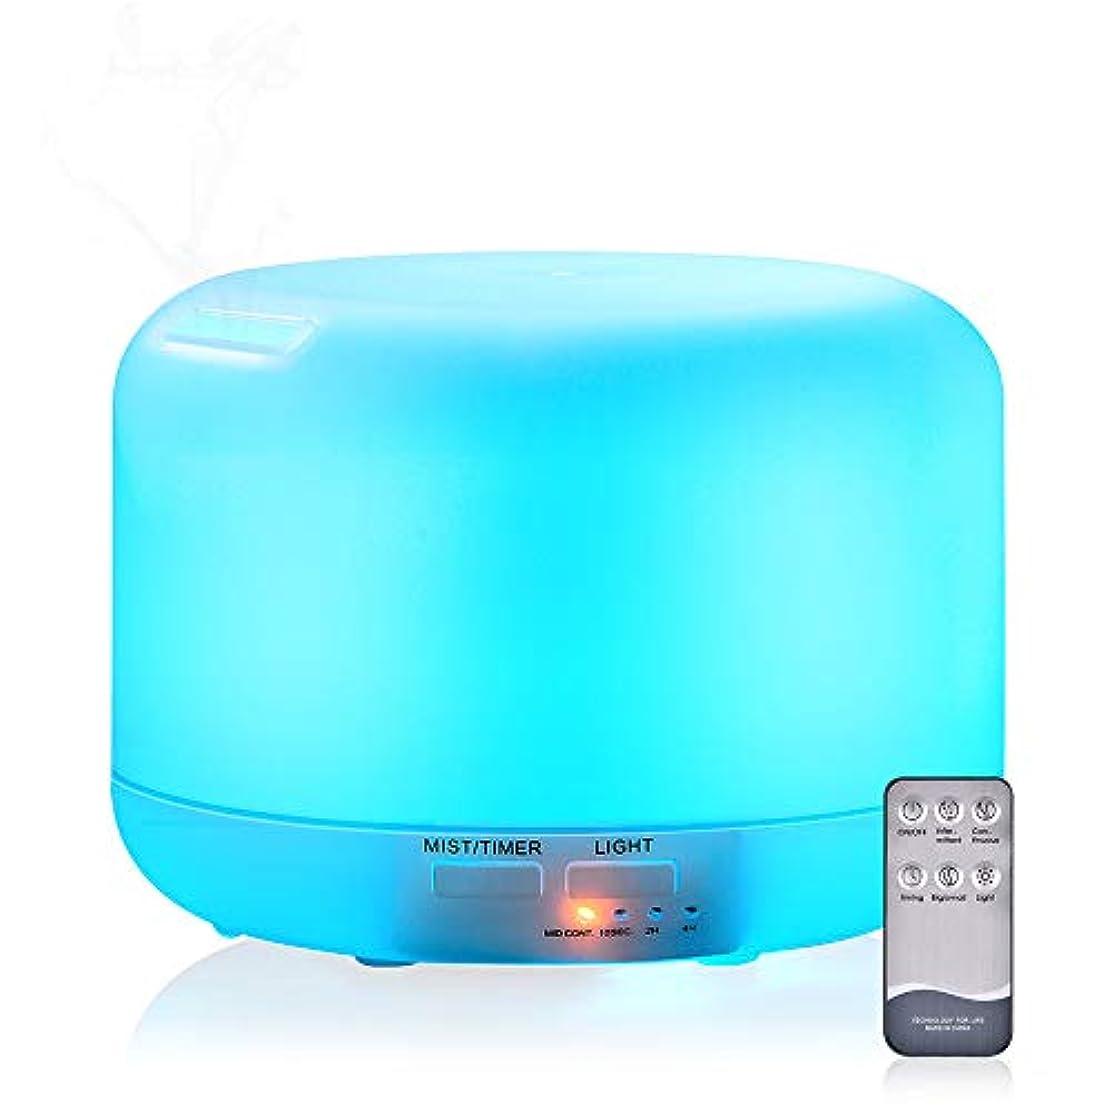 によって煩わしい厄介な500ミリメートルリモコン空気アロマ超音波加湿器カラーLEDライト電気アロマセラピーエッセンシャルオイルディフューザー